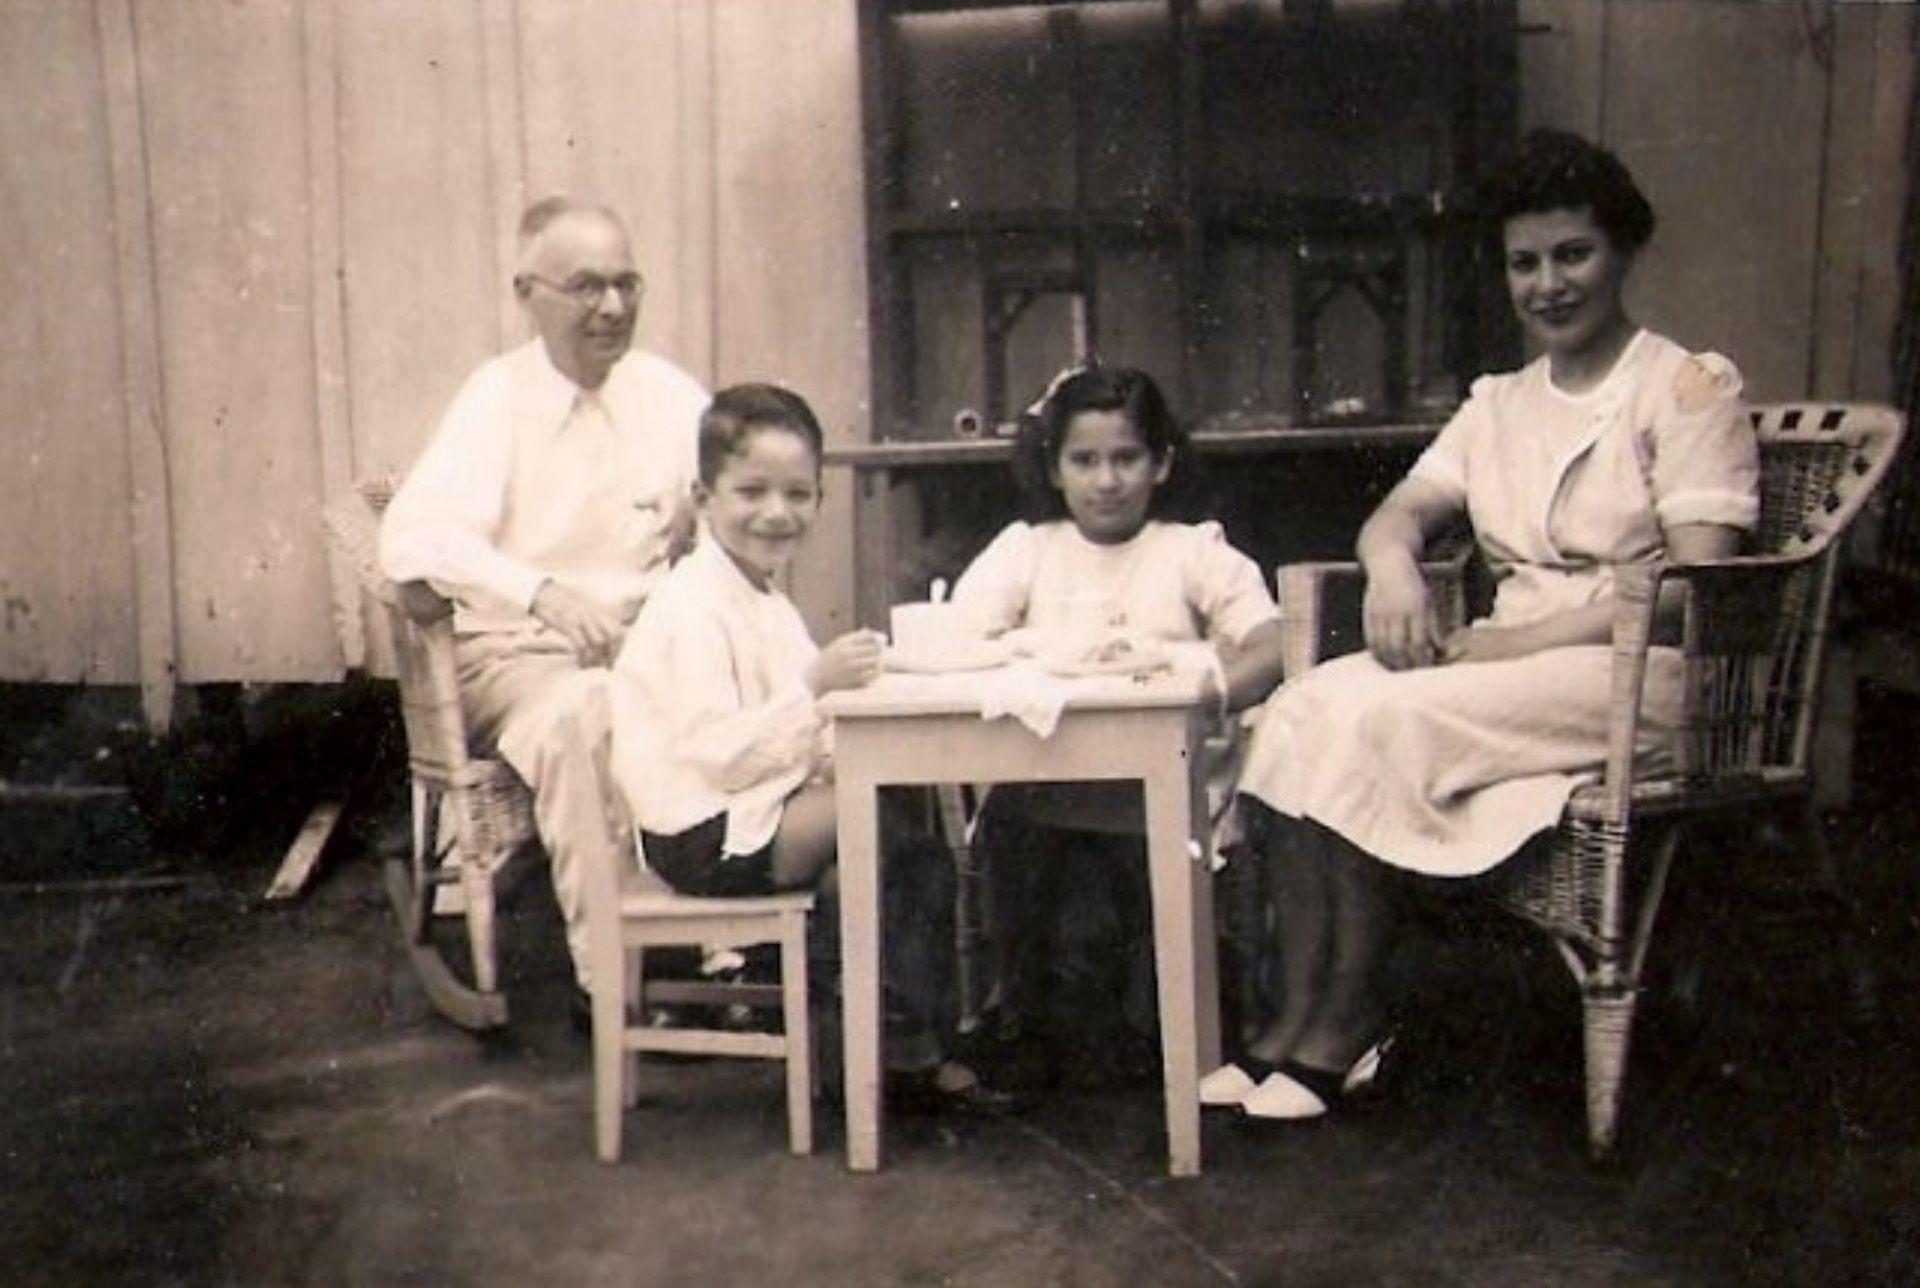 Una merienda con su abuelo Julio, su mamá Esther y su prima Pity, en Posadas, Misiones, en 1944